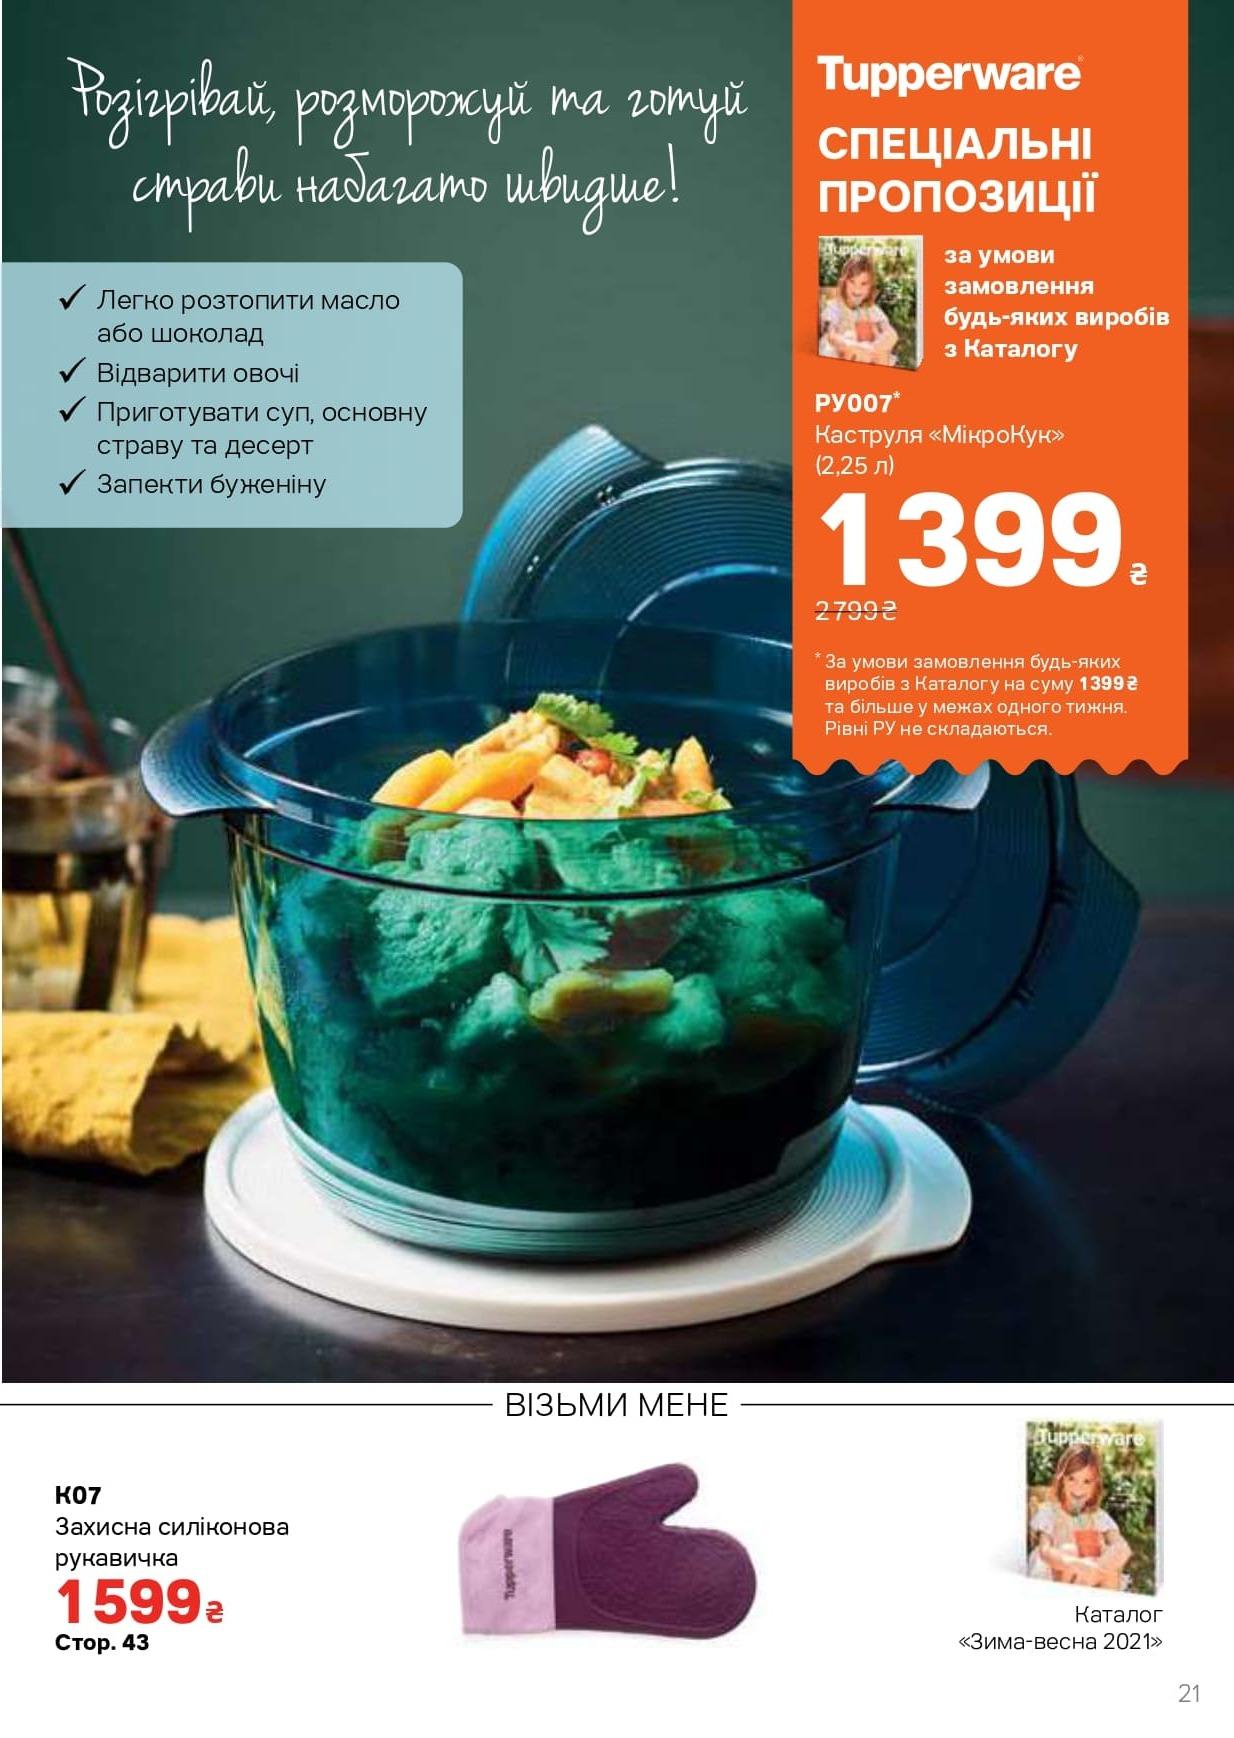 Скидка от Tupperware 50% на микрокук 2 25 литра, цена 1399,00 грн.